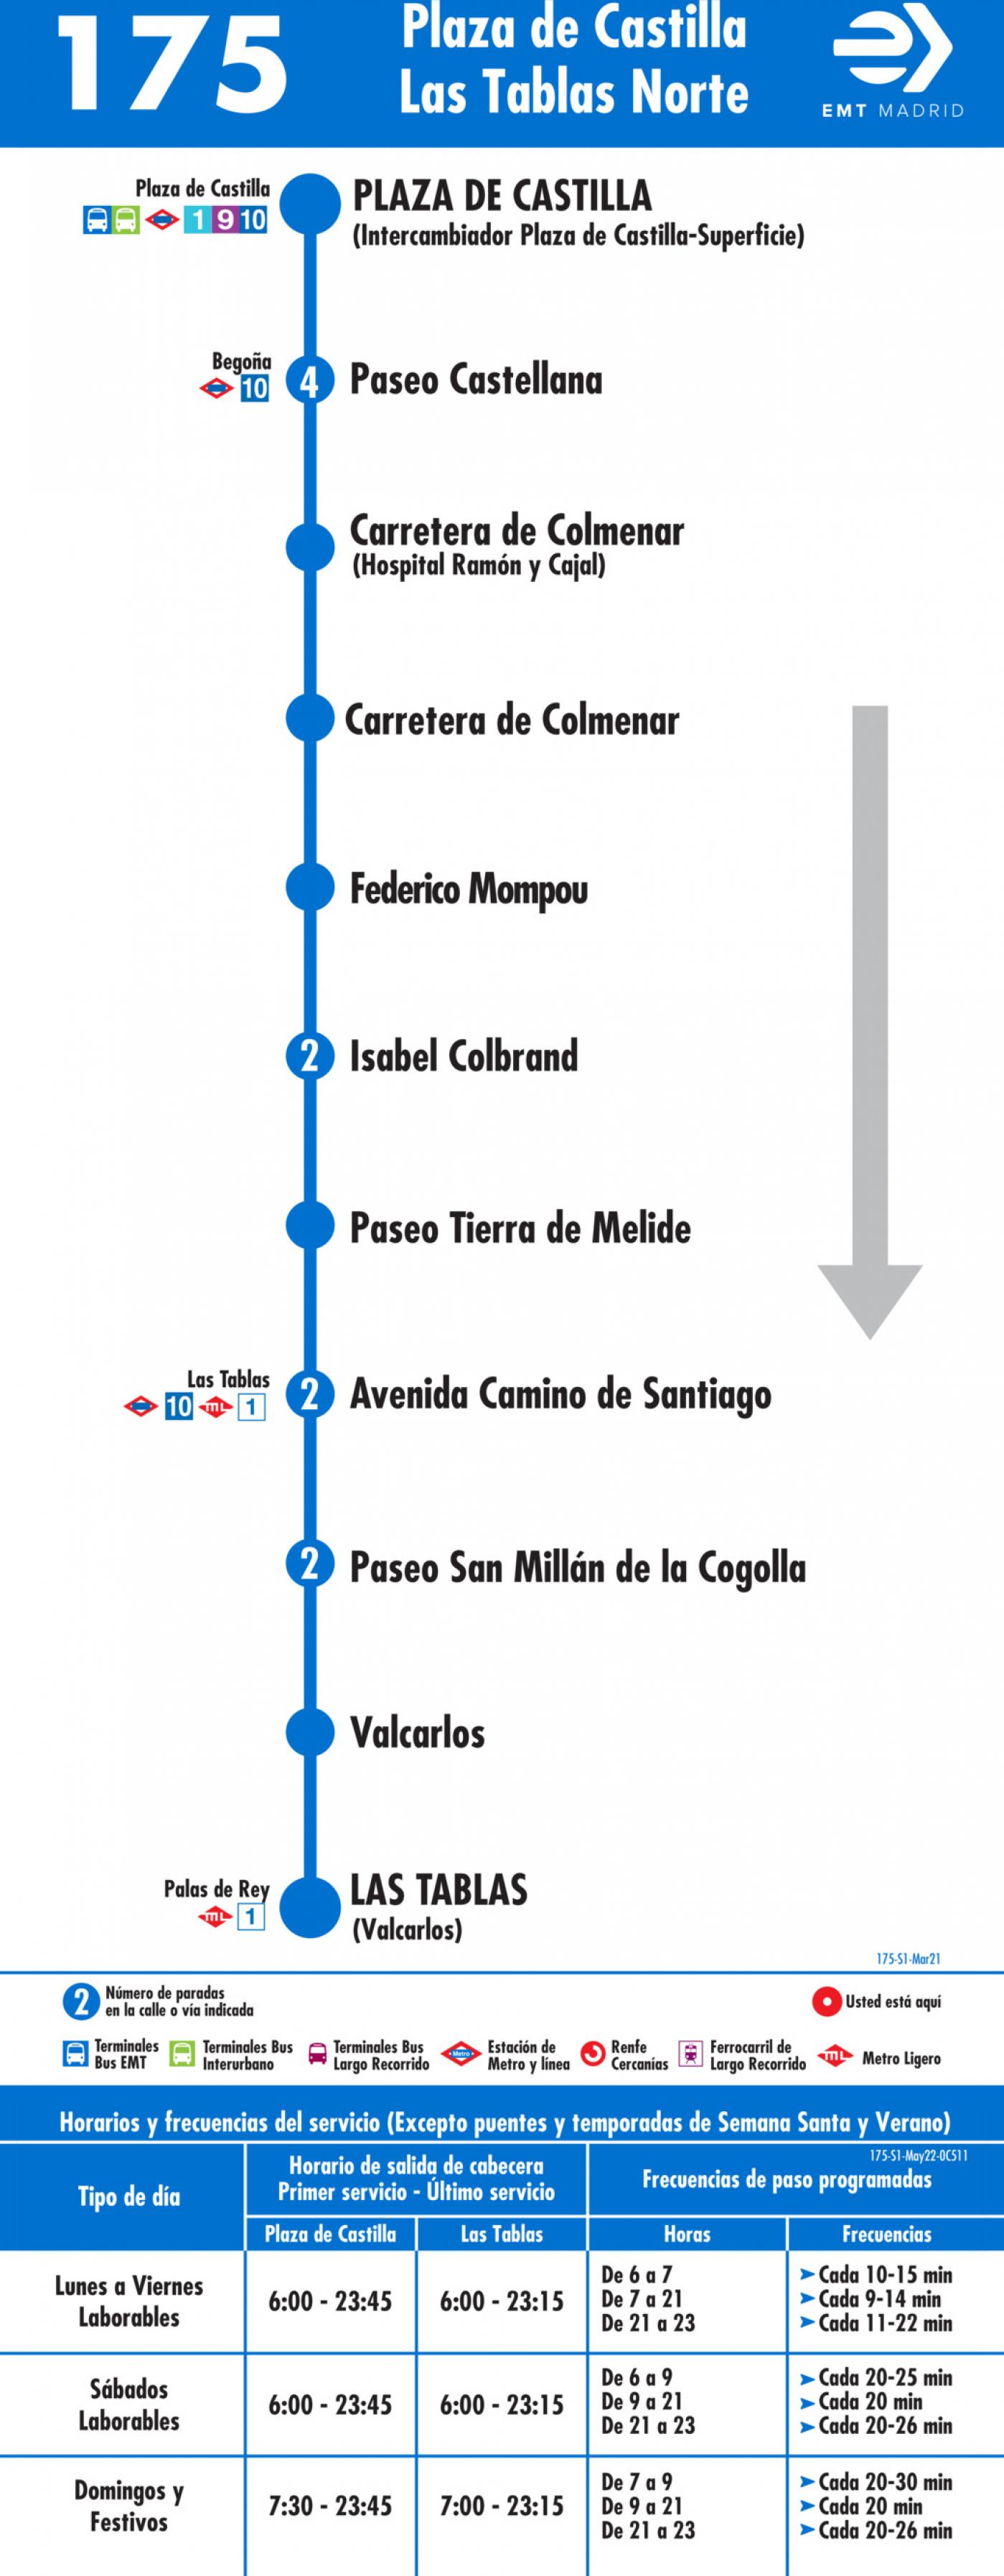 Tabla de horarios y frecuencias de paso en sentido ida Línea 175: Plaza Castilla - Las Tablas Norte